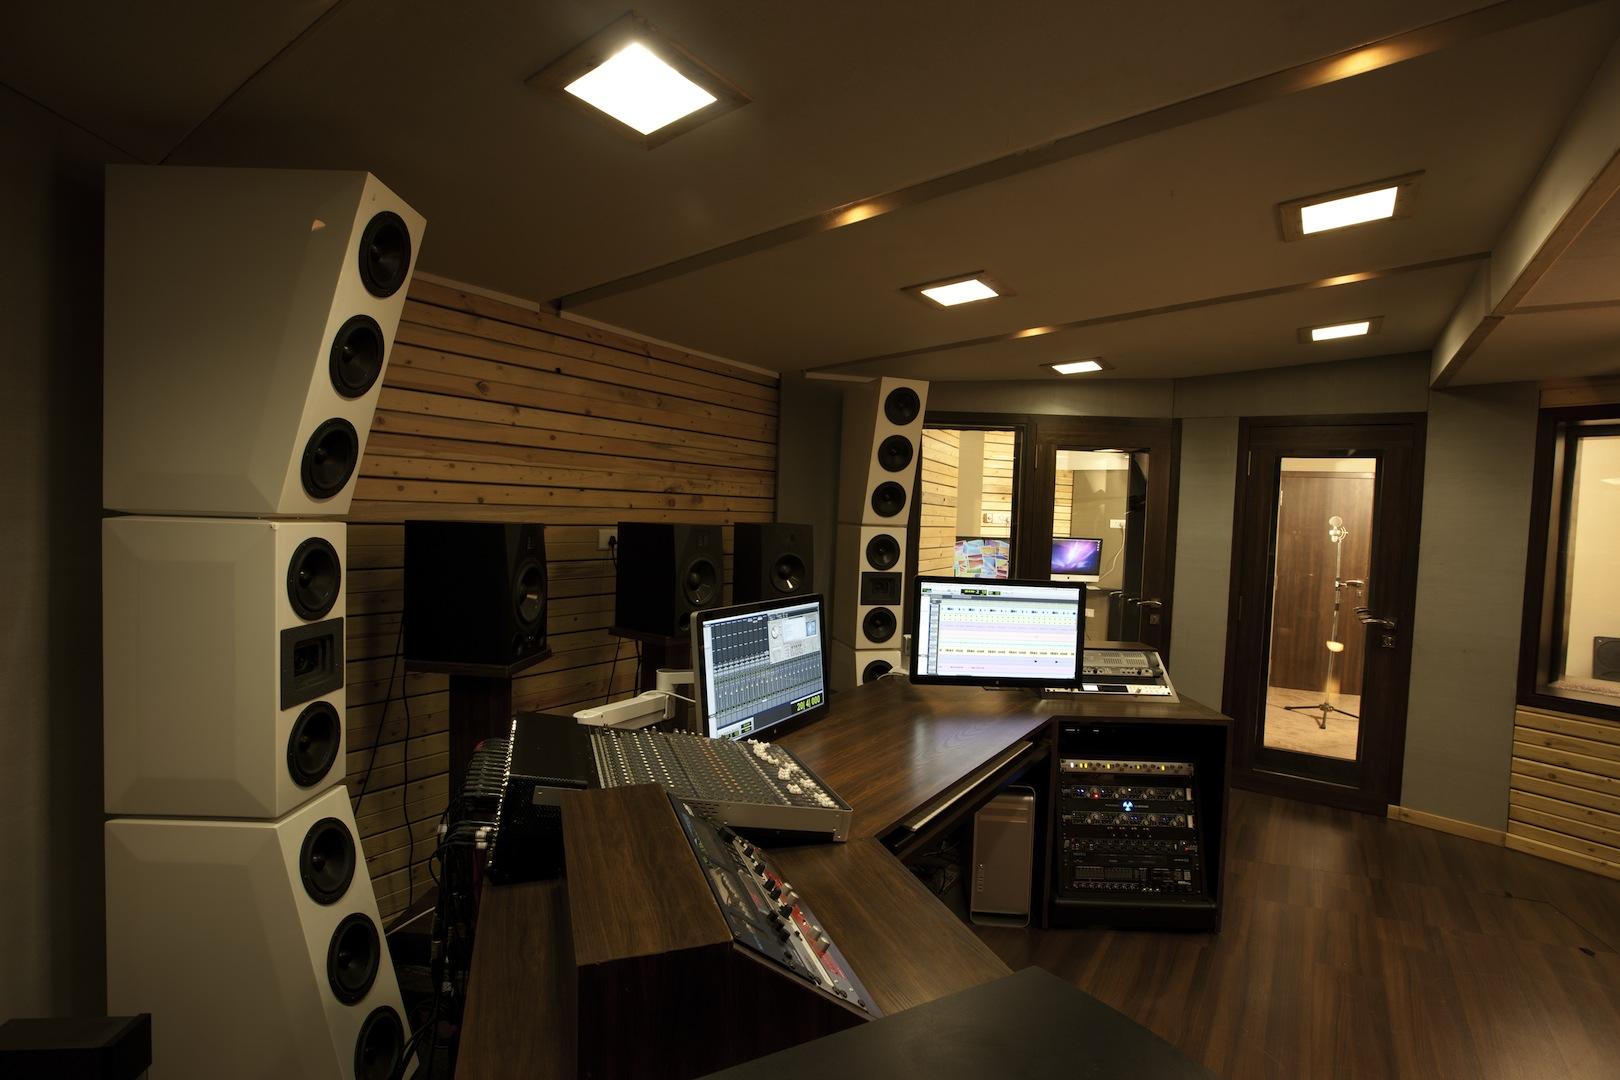 Studio 5d2 Mumbai India Gearslutz Com